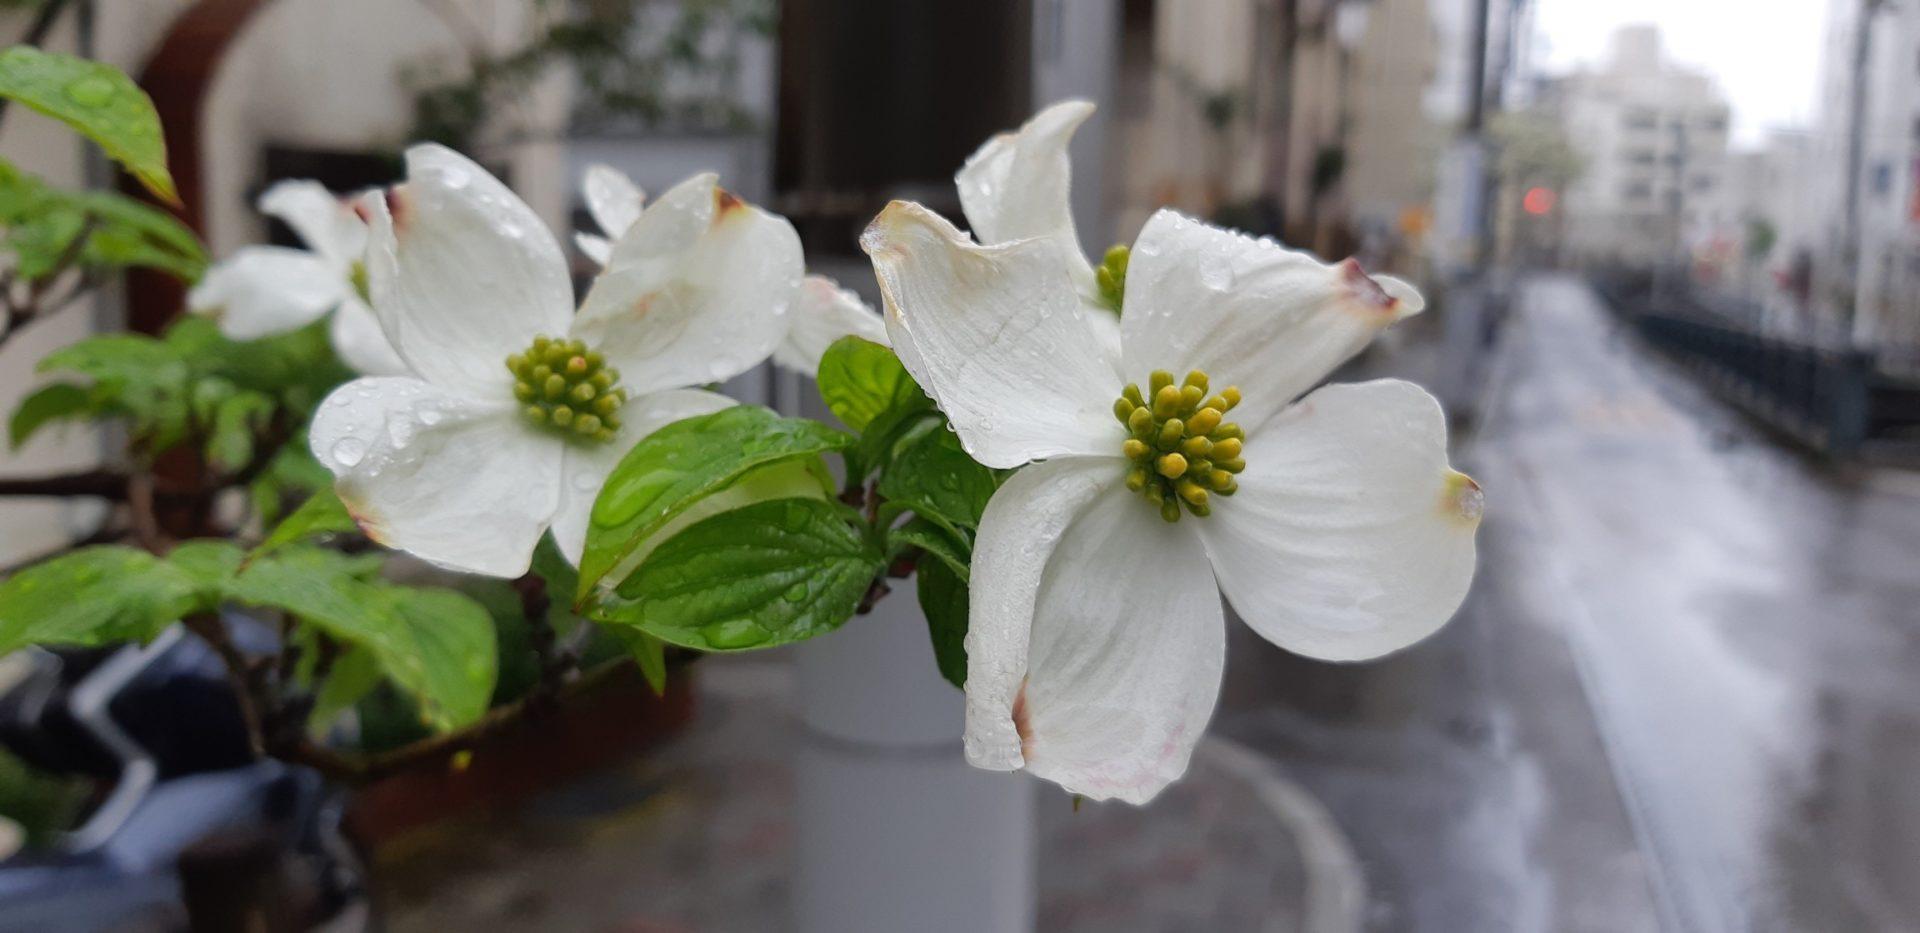 『ハナミズキ』(花水木)が可憐に咲いています。~初川沿い~